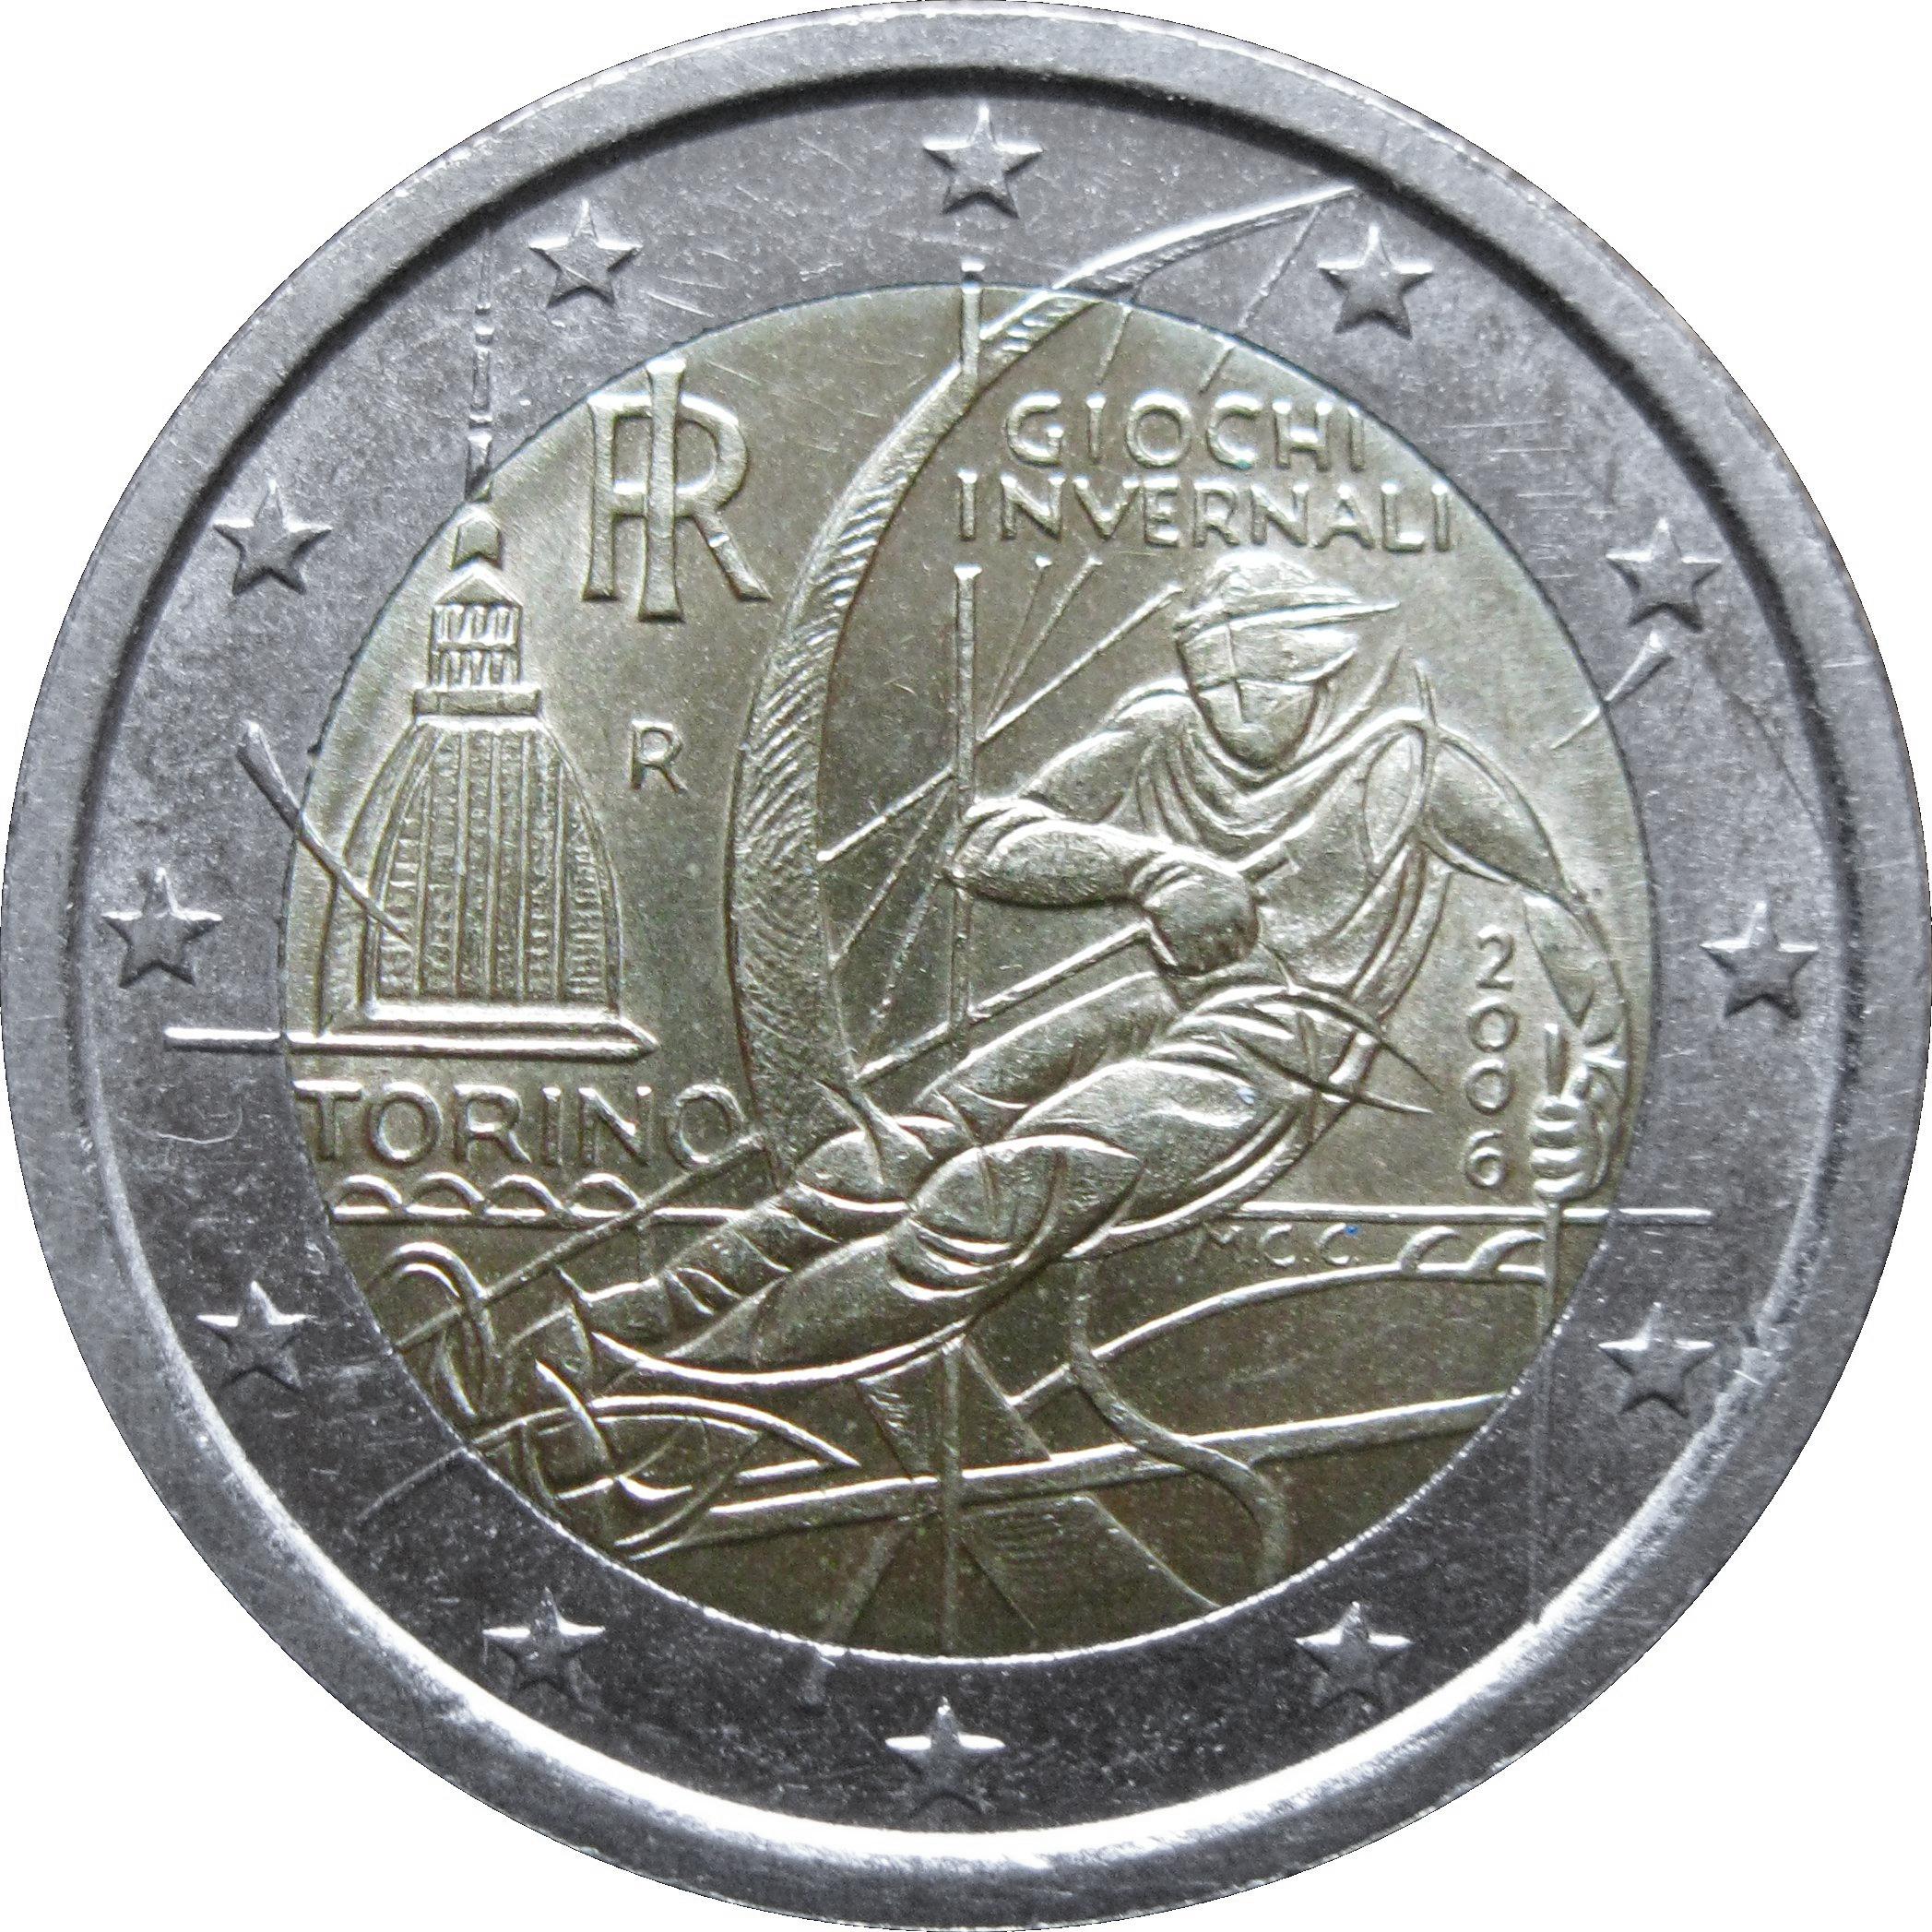 2 euro torino olympics italy numista